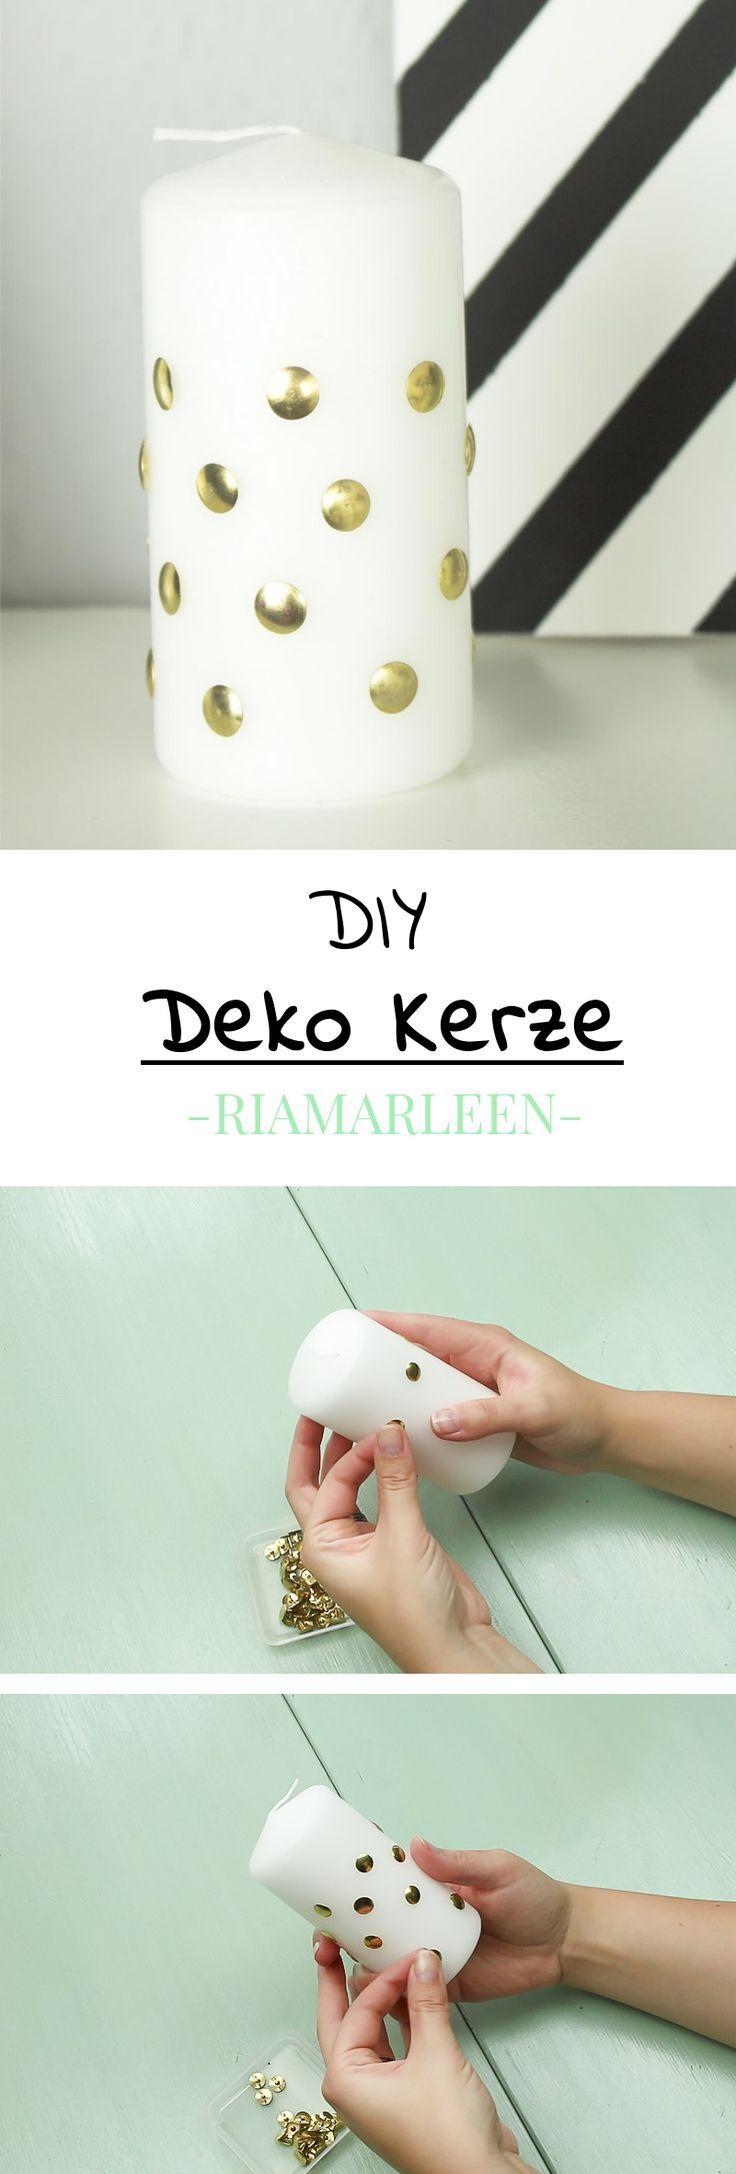 3 schöne DIY Deko Ideen unter 1 Euro basteln